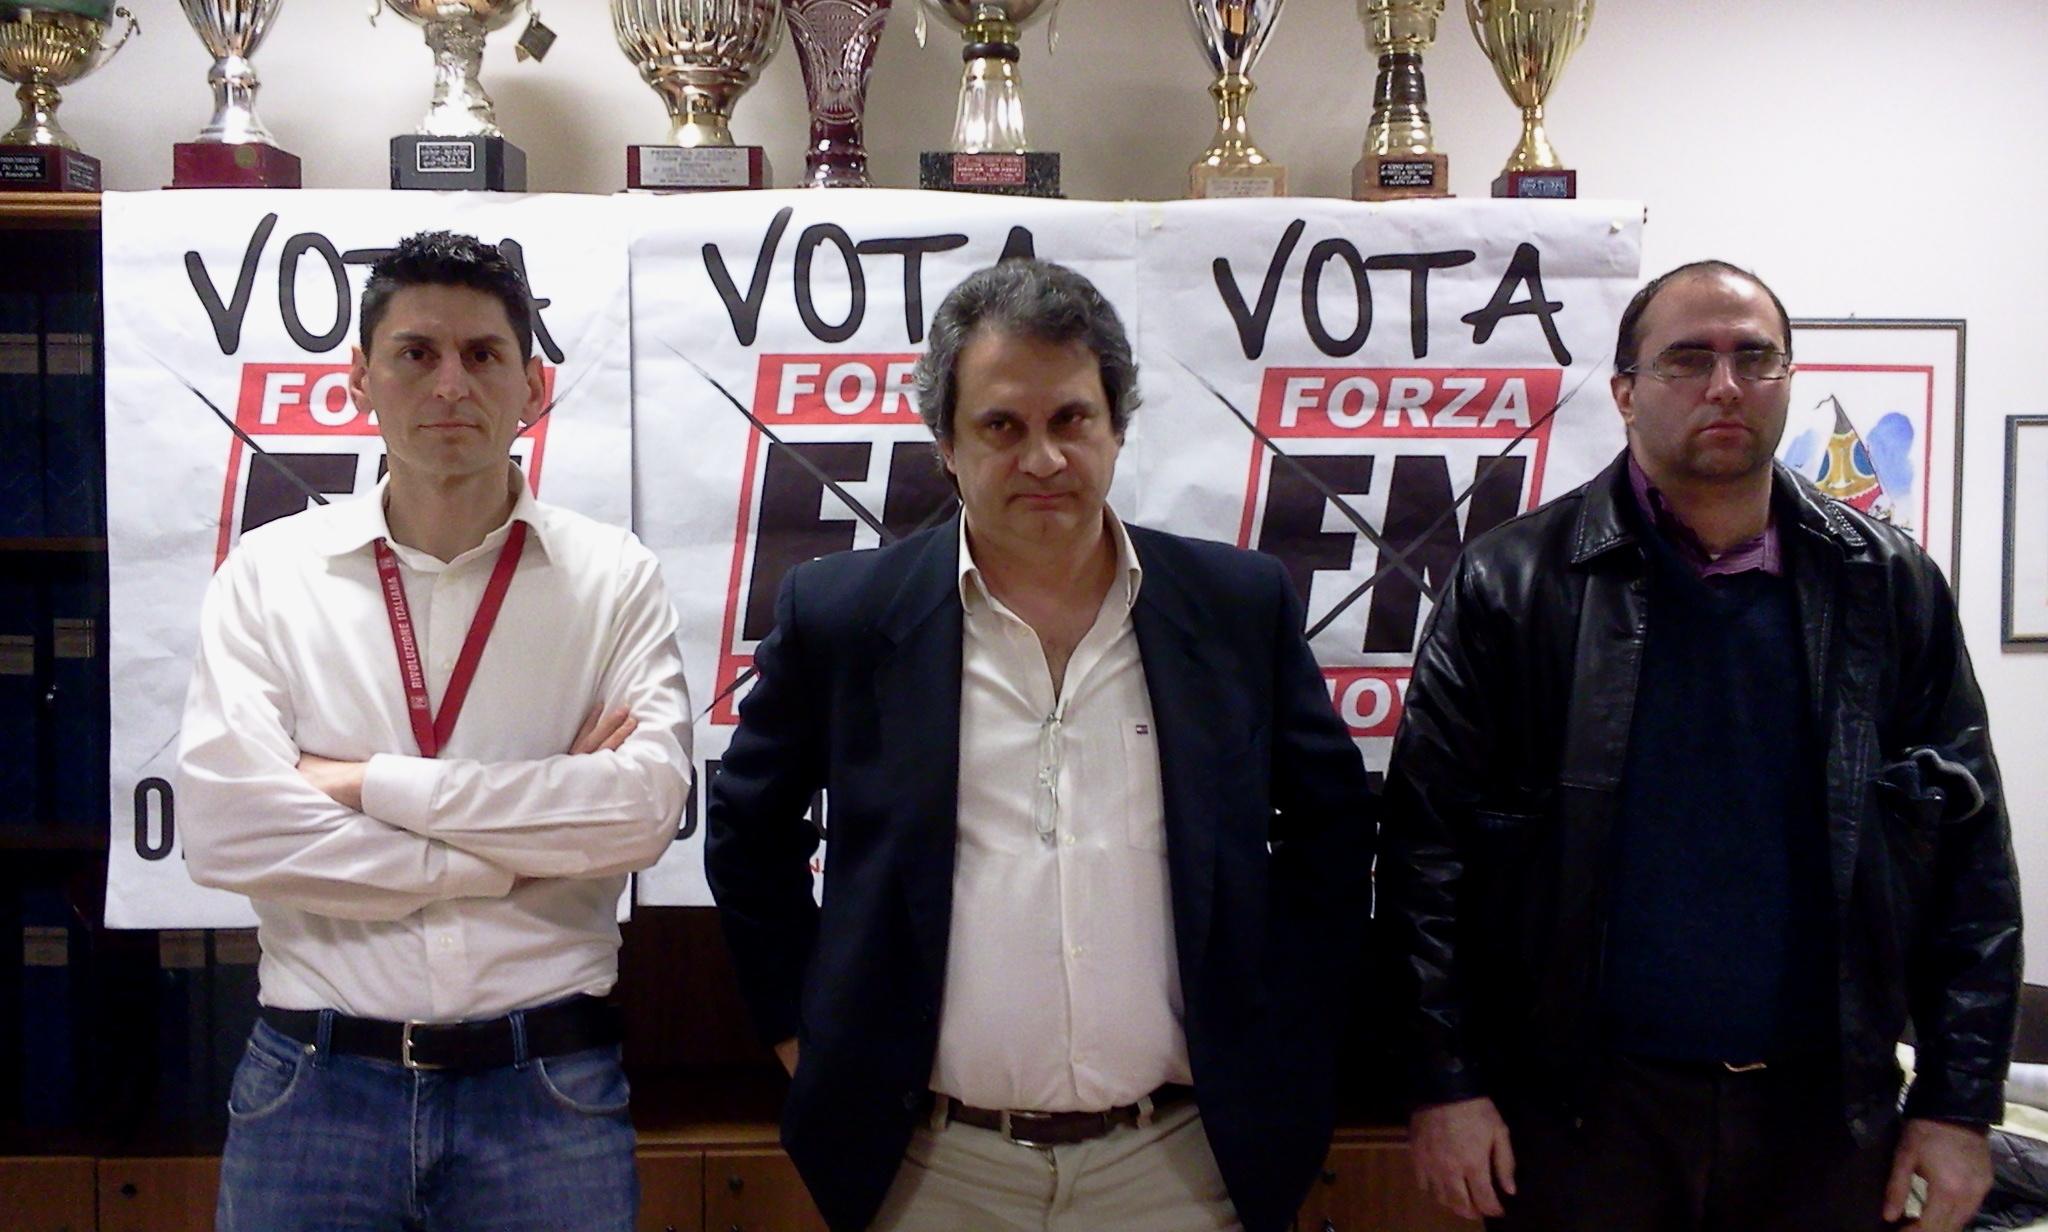 Al centro, Roberto Fiore